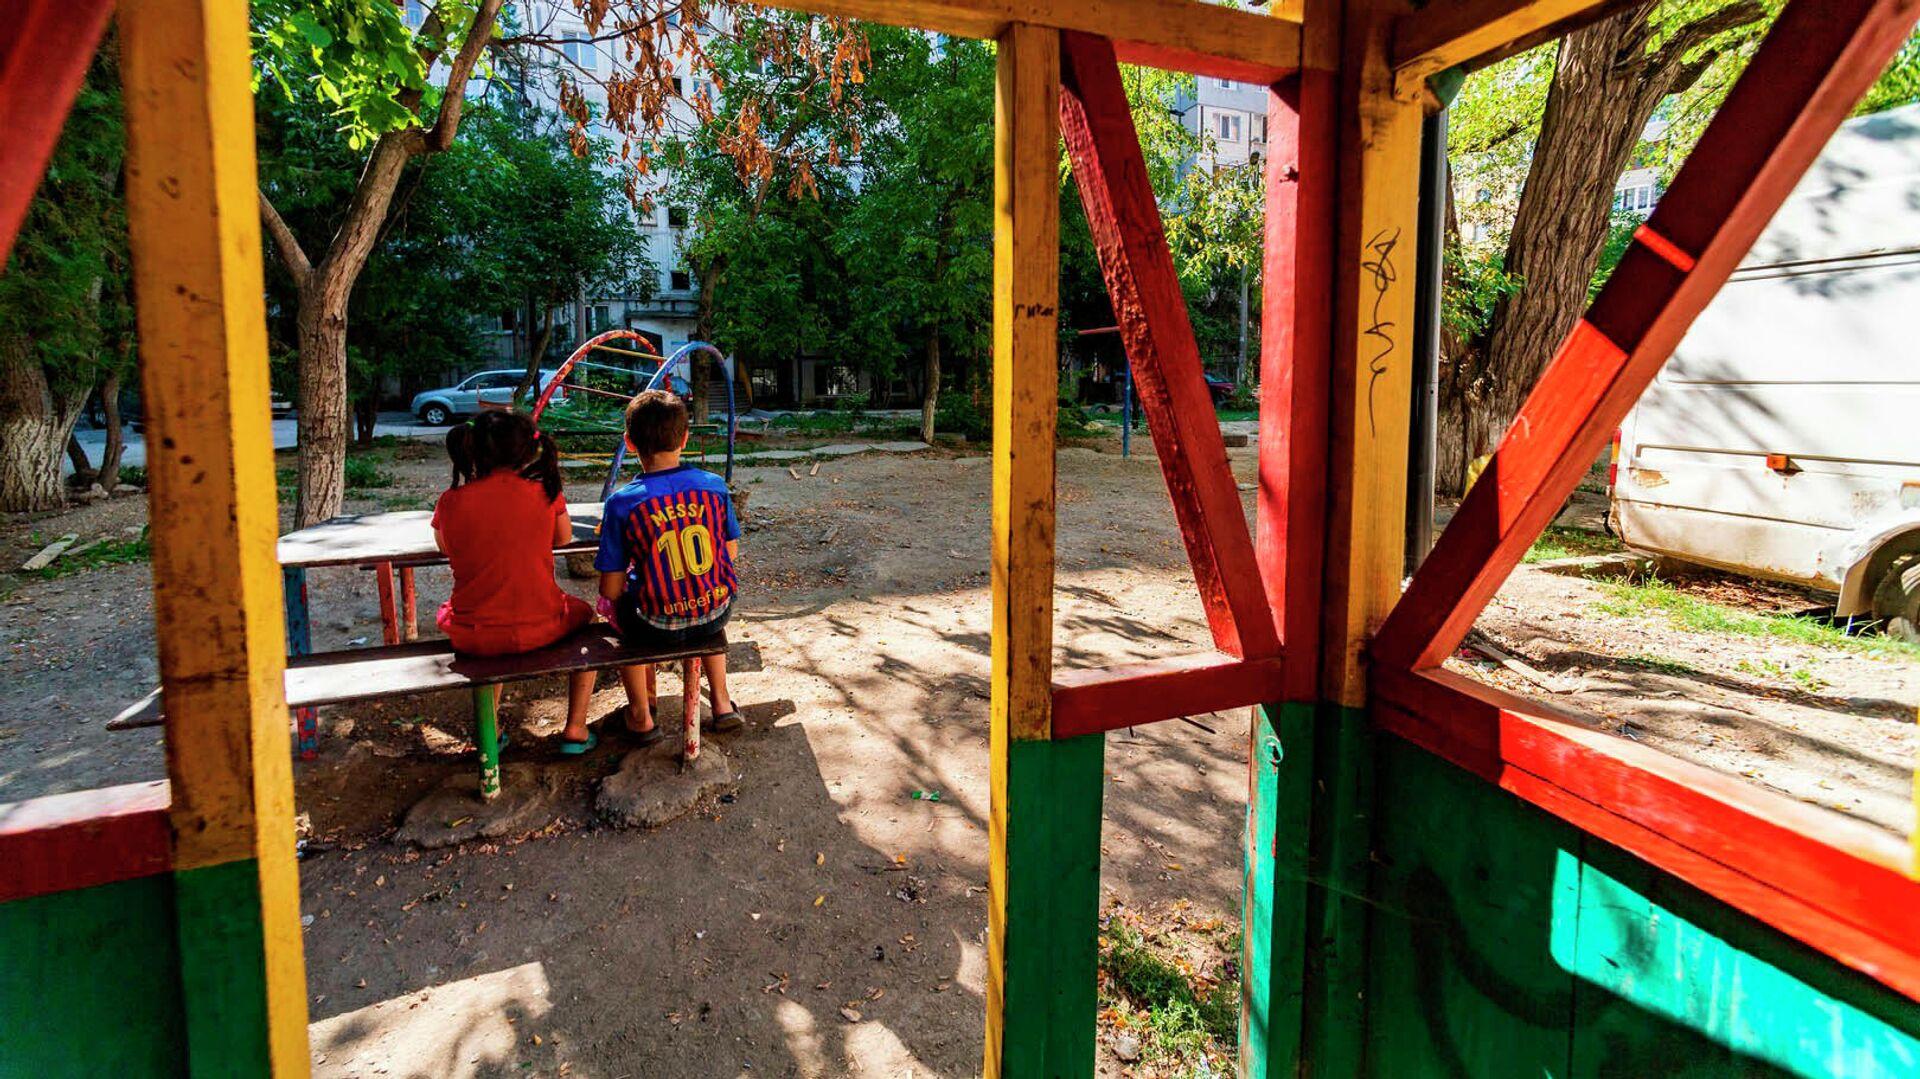 Дети на игровой площадке - РИА Новости, 1920, 01.09.2021